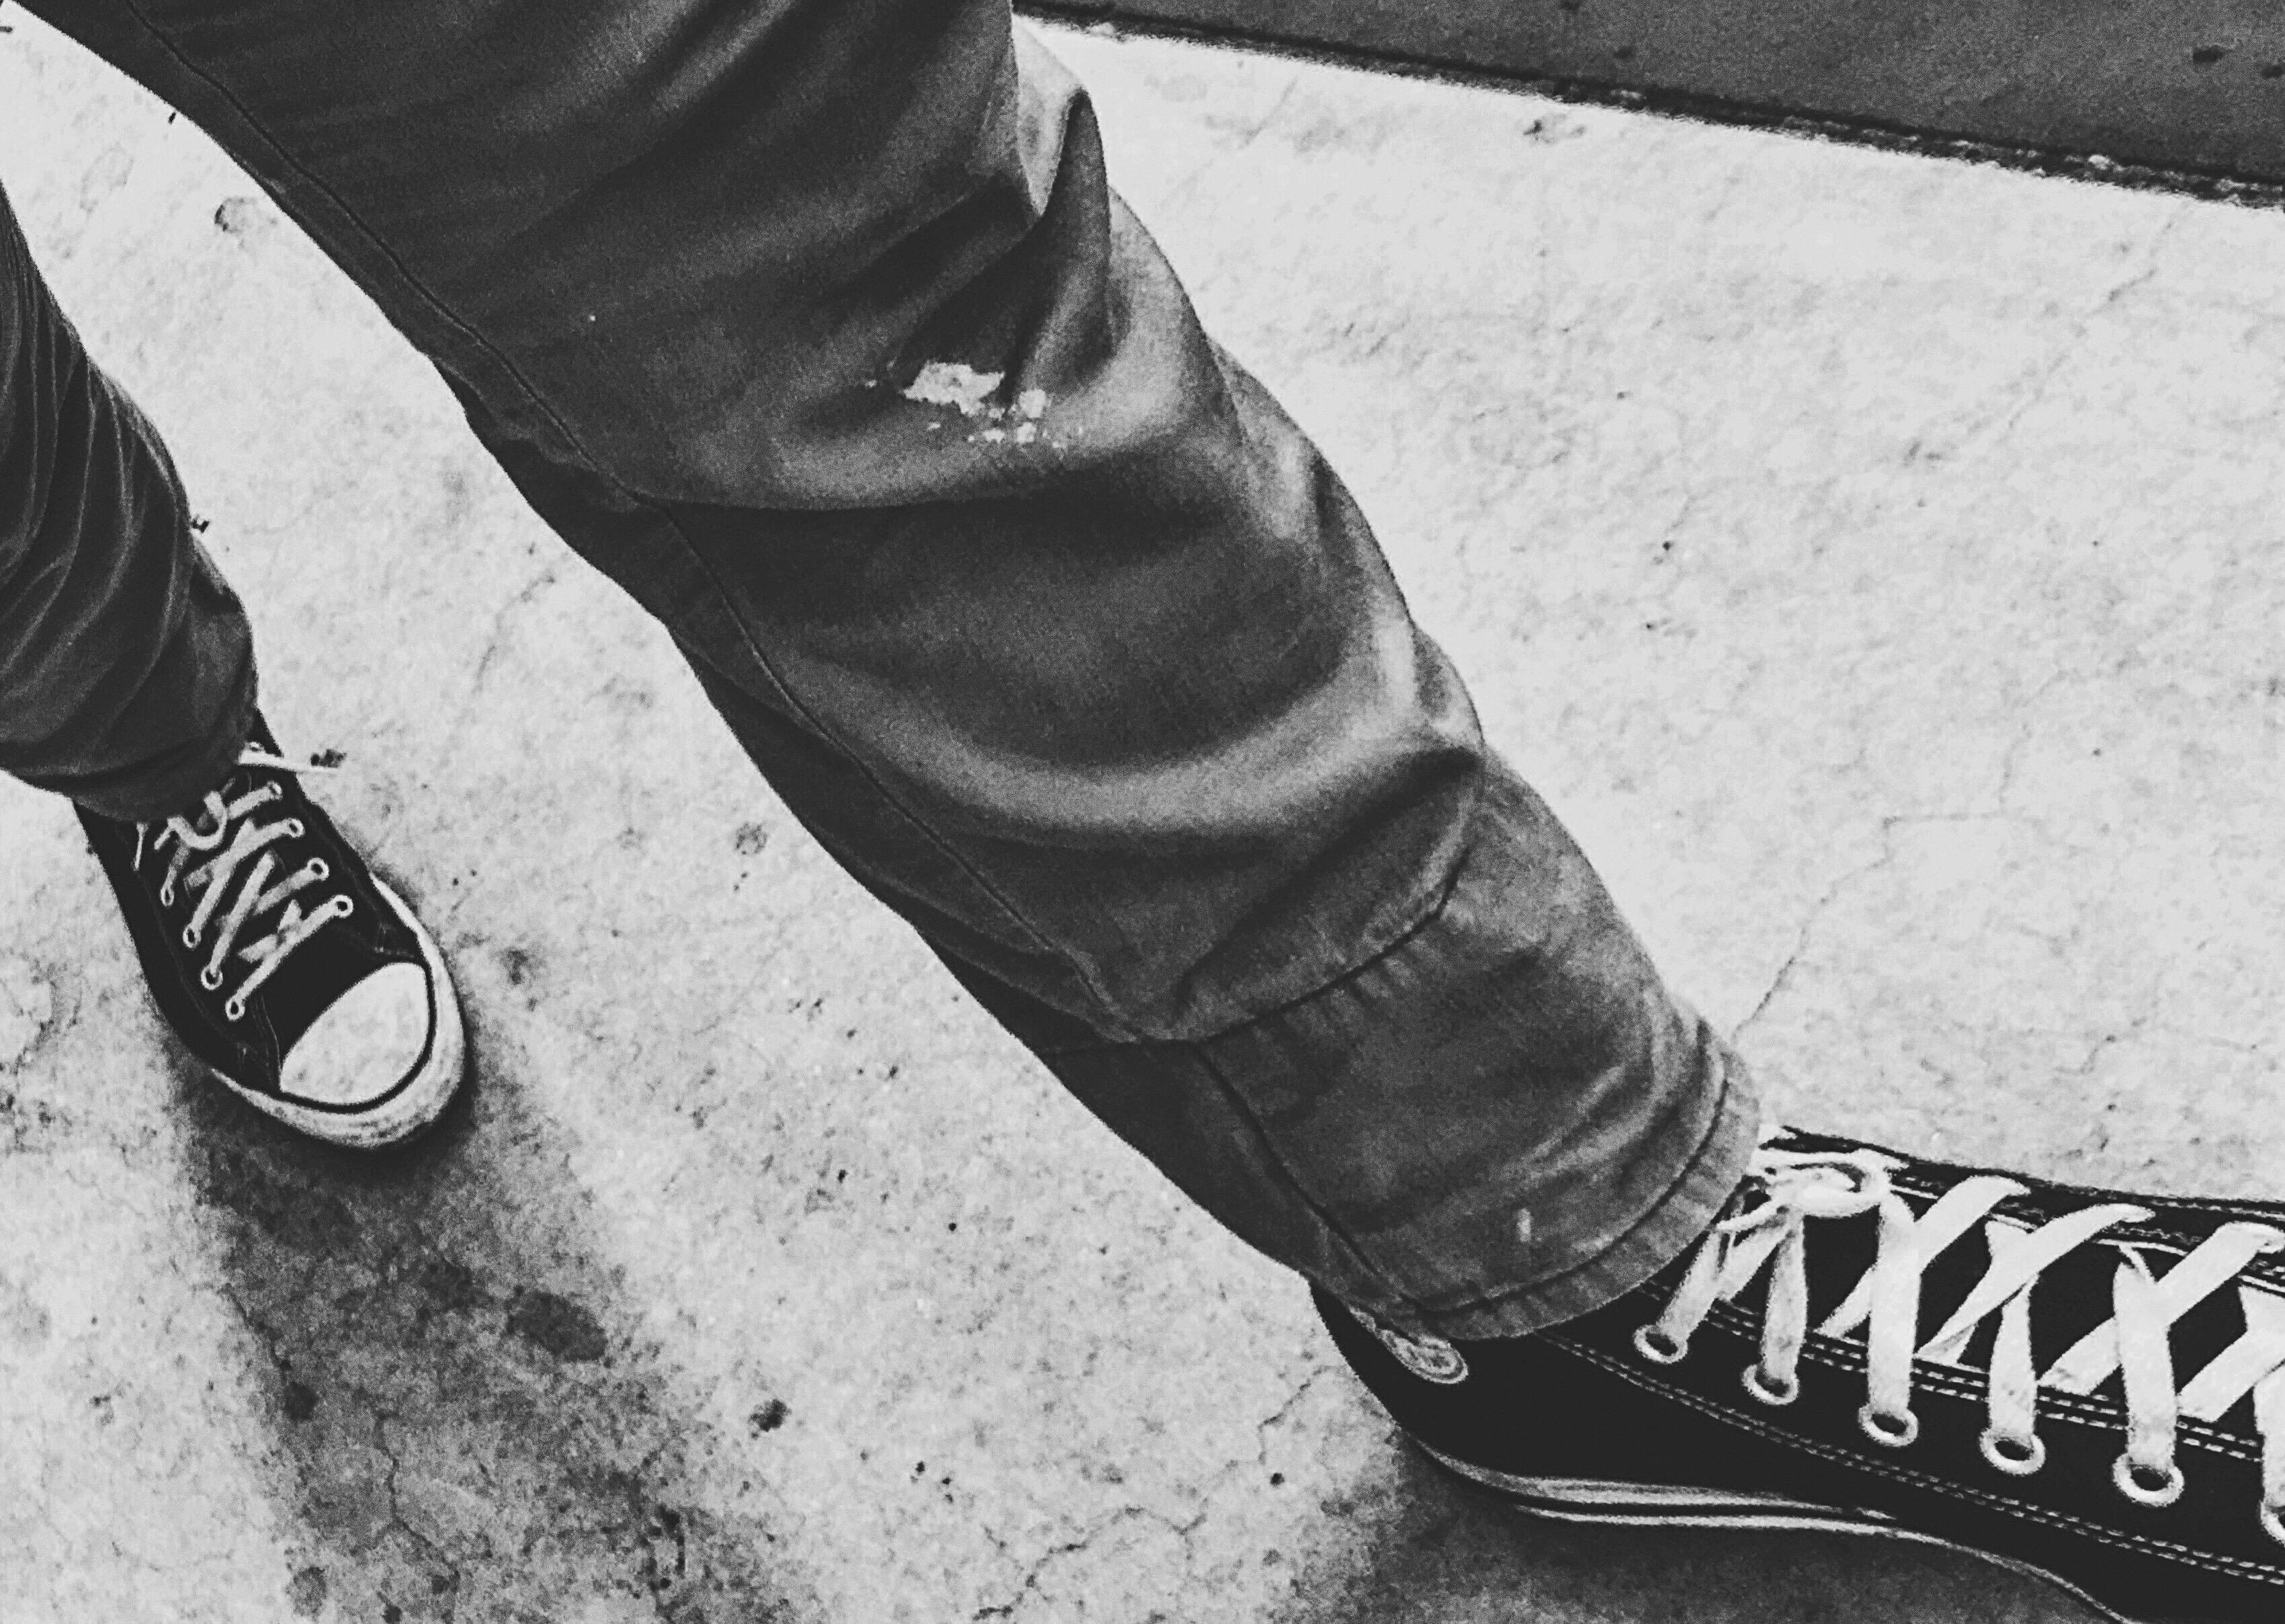 Bildetgåpersonskosvart og og hvitlærfortauføtterstøvel hvitlærfortauføtterstøvel Bildetgåpersonskosvart og hvitlærfortauføtterstøvel Bildetgåpersonskosvart og Bildetgåpersonskosvart hvitlærfortauføtterstøvel ED29IWH